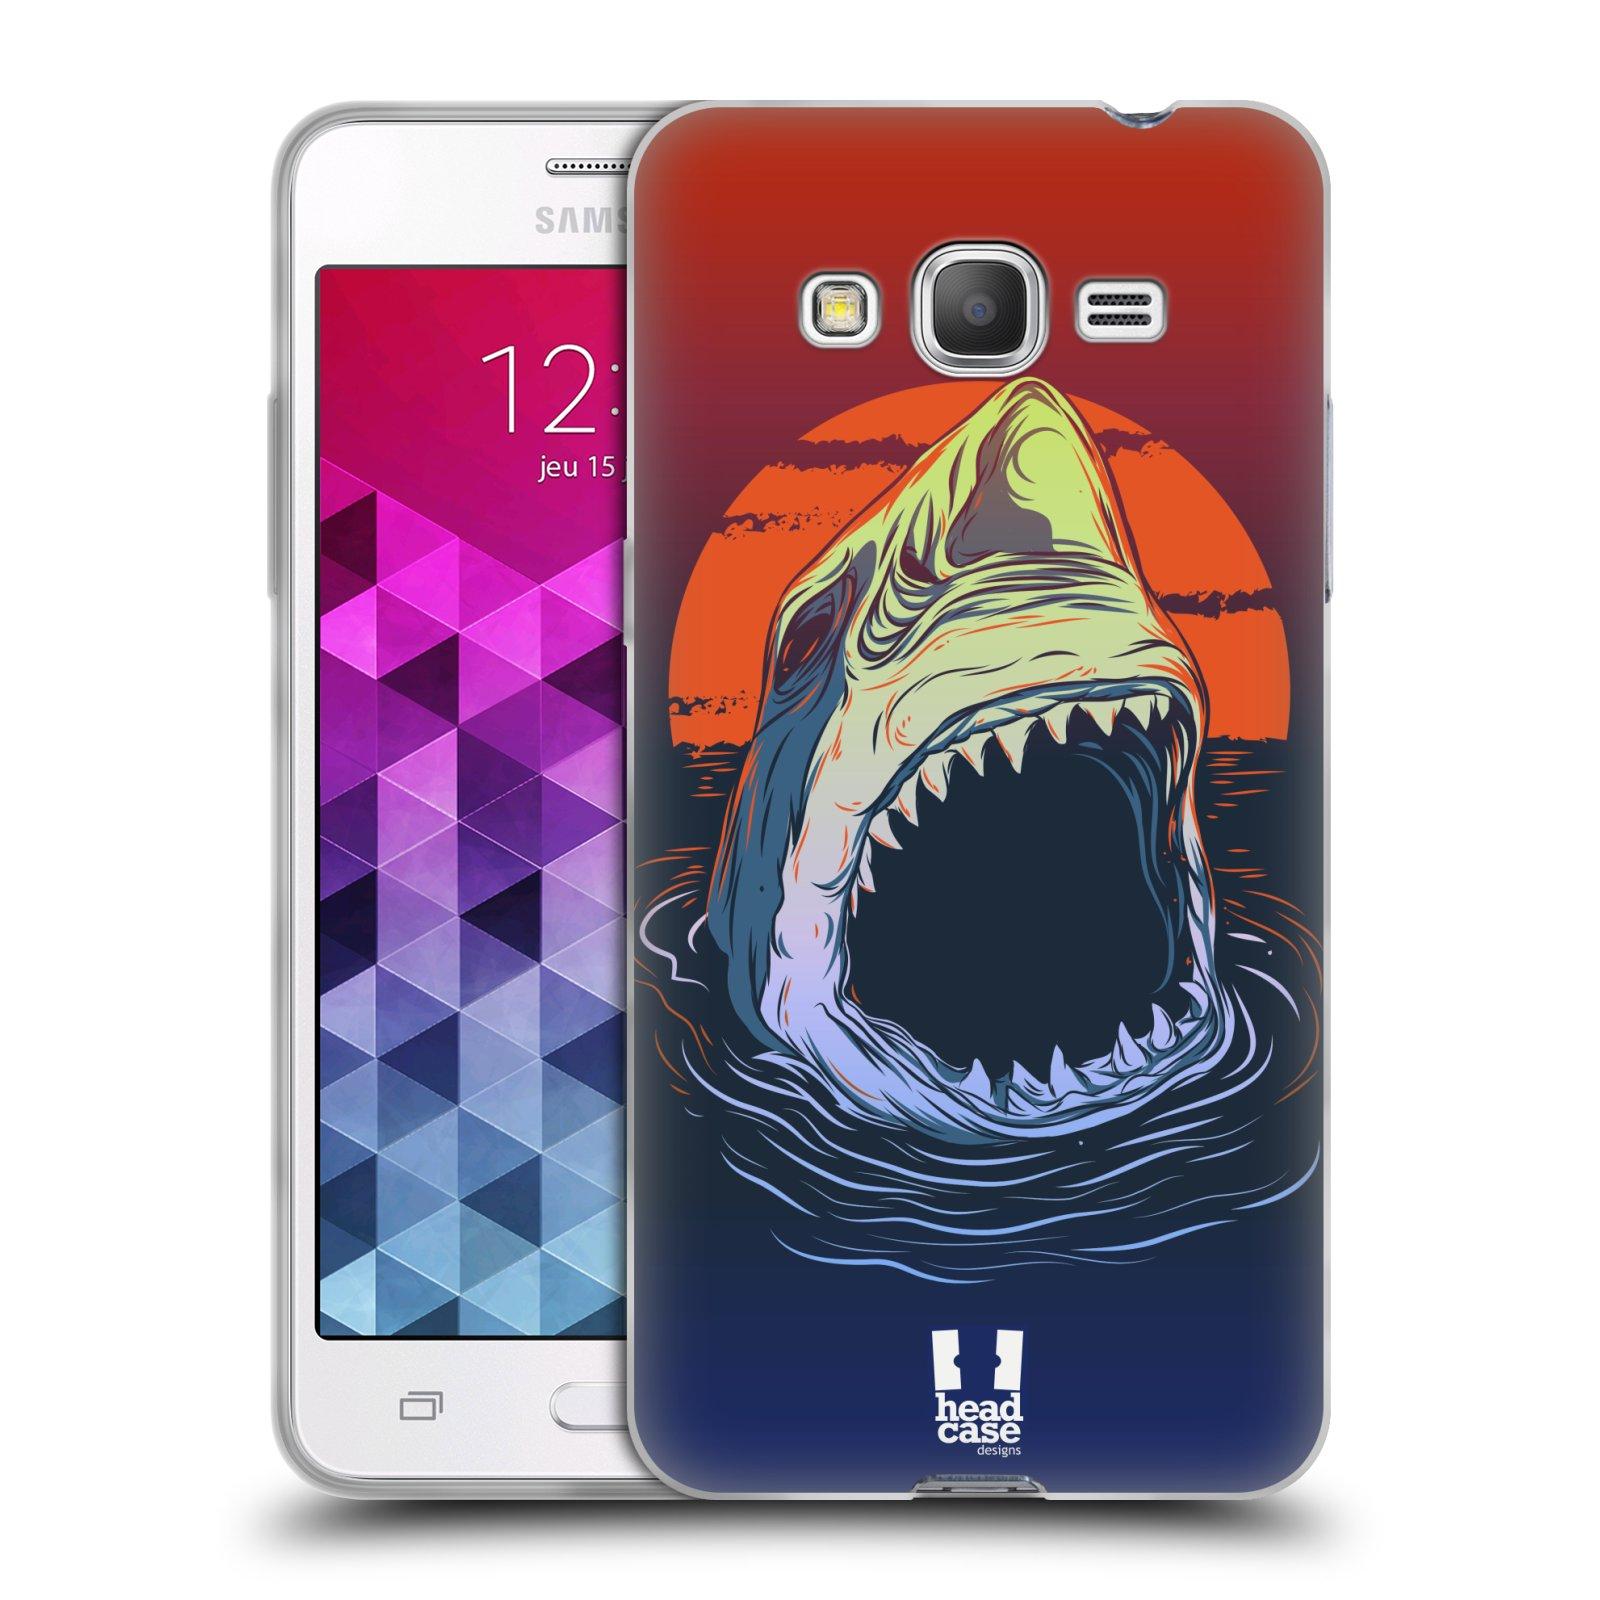 Silikonové pouzdro na mobil Samsung Galaxy Grand Prime VE HEAD CASE HLADOVÝ ŽRALOK (Silikonový kryt či obal na mobilní telefon Samsung Galaxy Grand Prime VE SM-G531F)